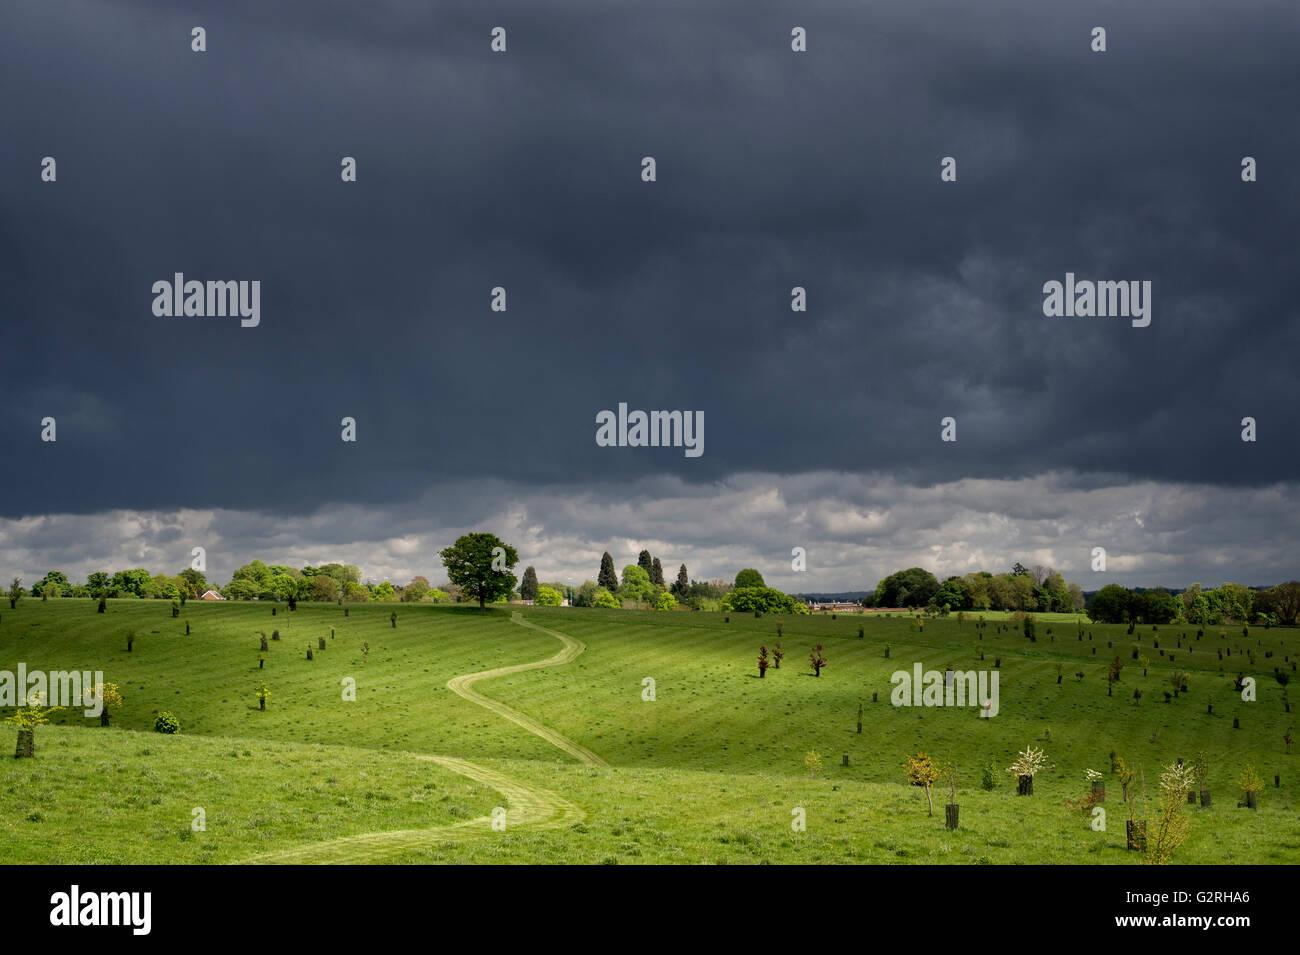 Fußweg beleuchtet gegen einen dunklen Gewitterhimmel durch ein Feld von Oxfordshire. Banbury, Oxfordshire, Stockbild